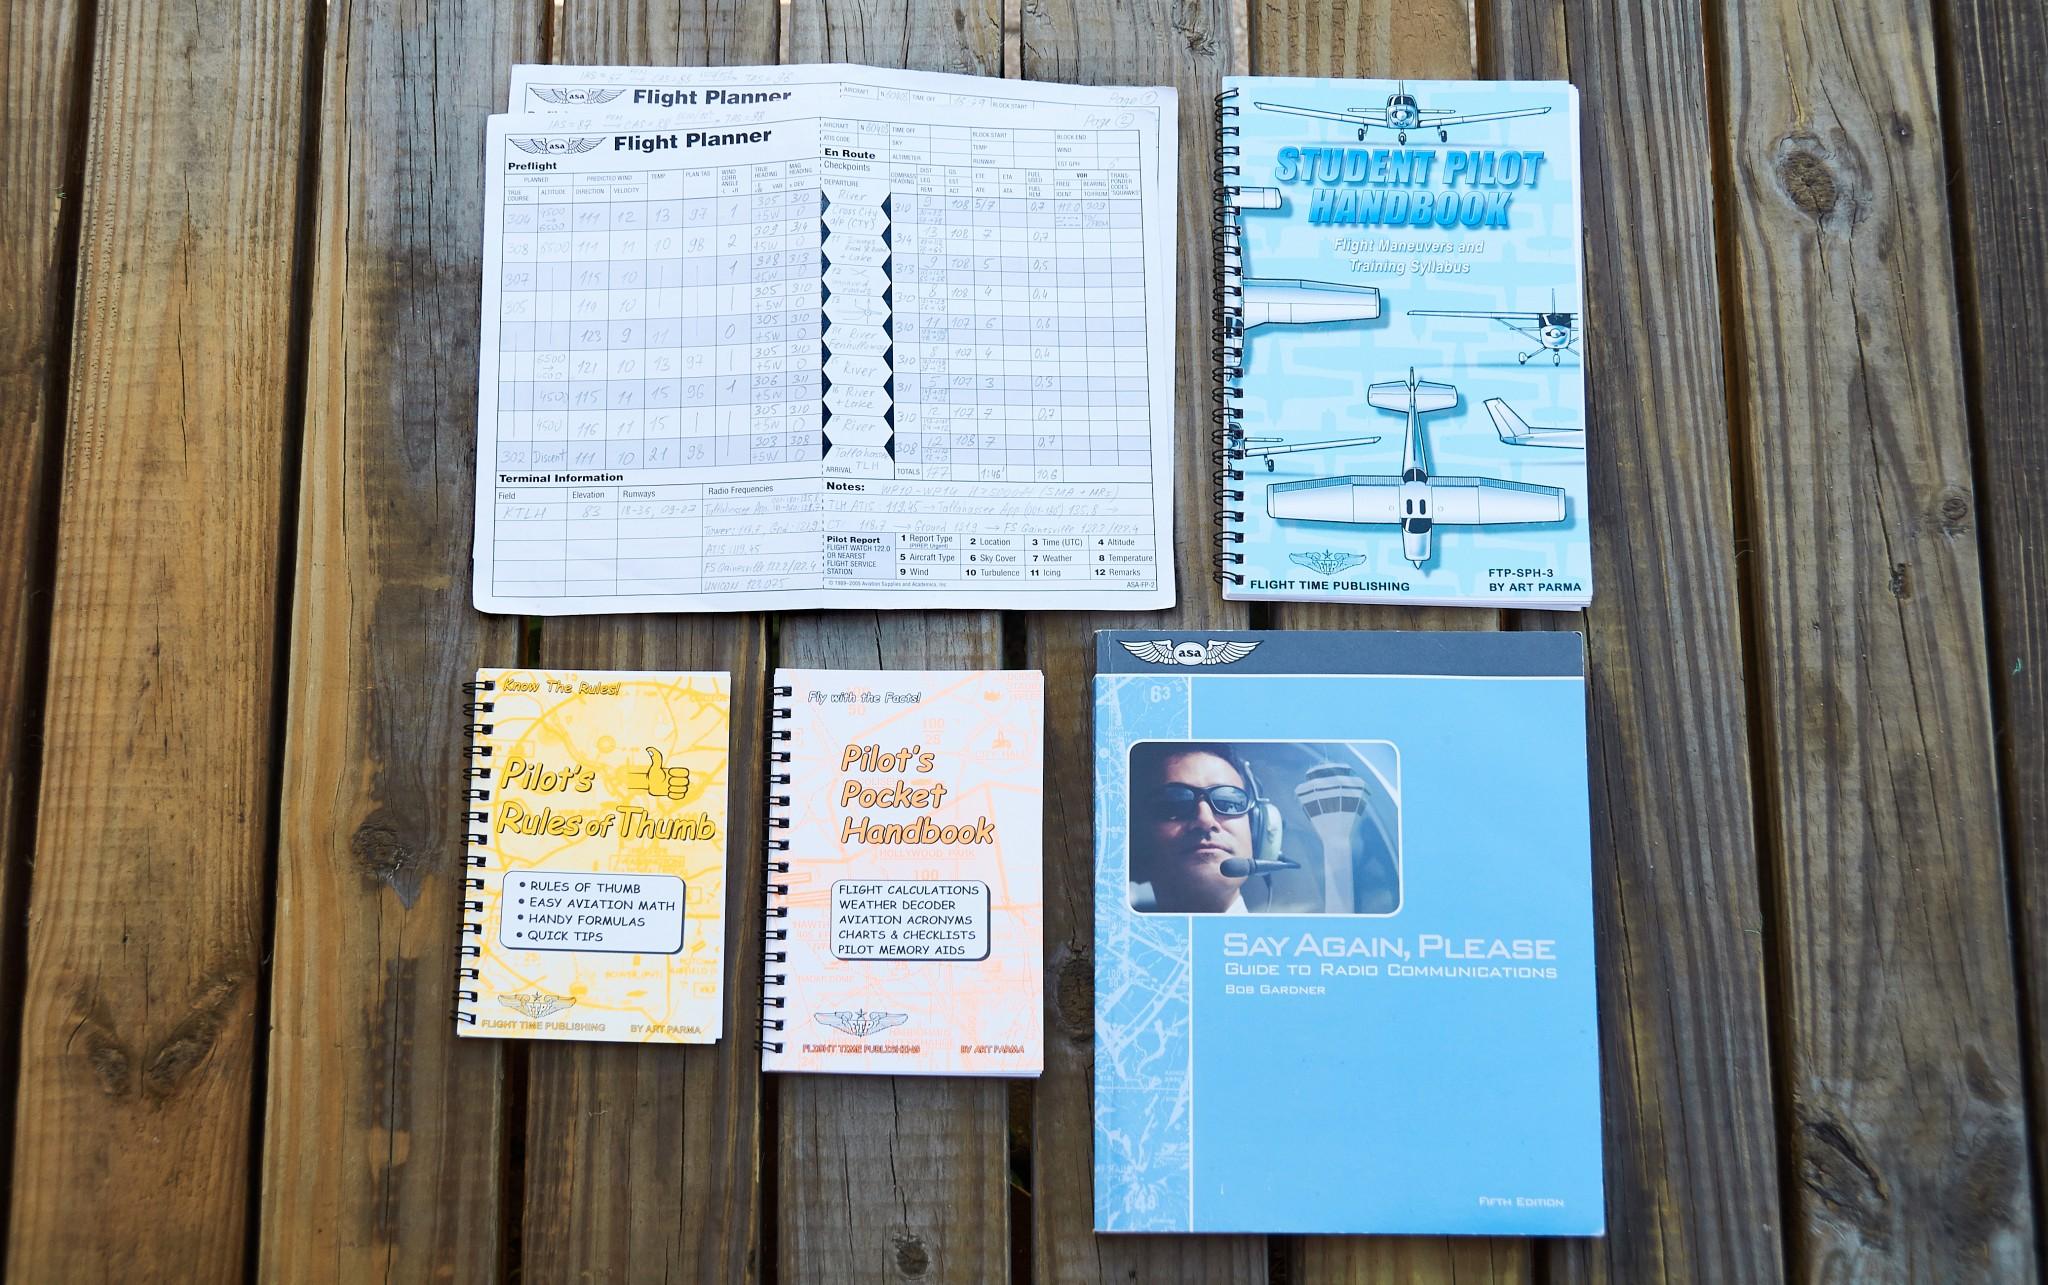 More preparatory materials for pilots ~ Дополнительные подготовительные материалы для пилотов